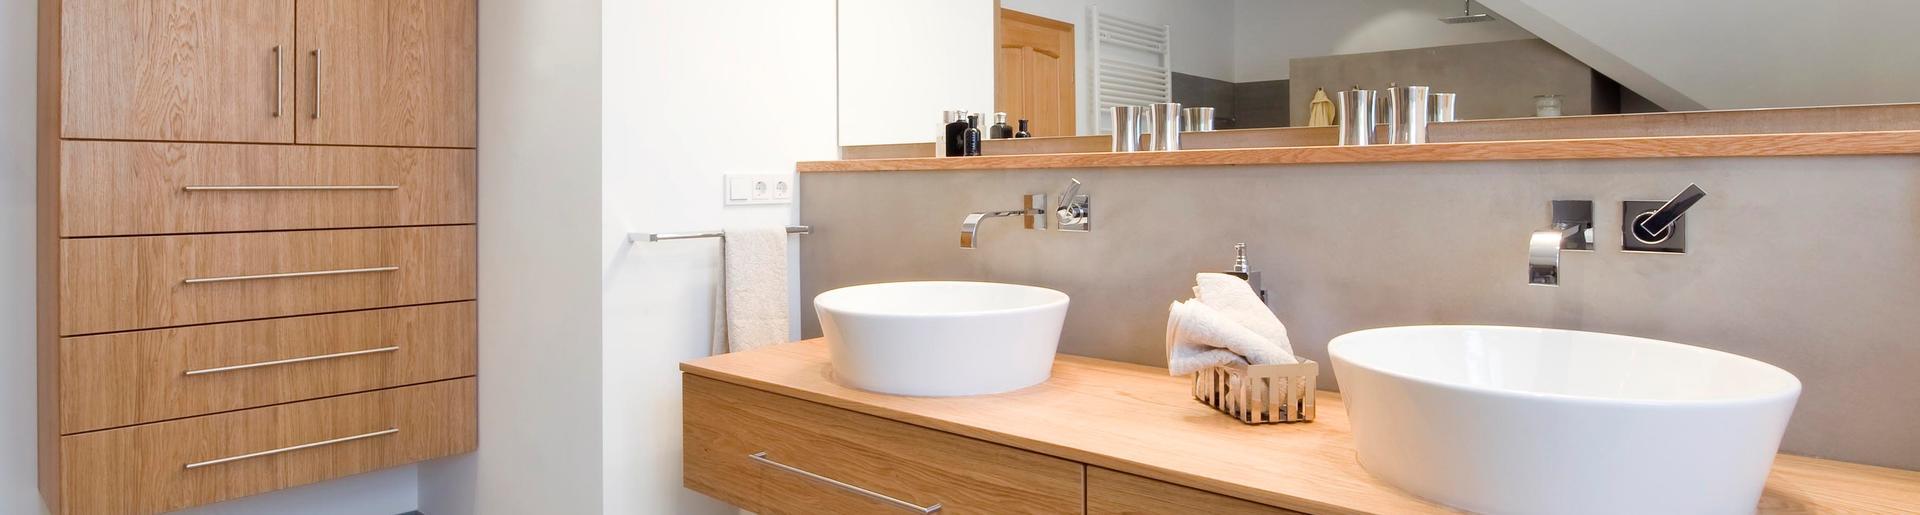 Holz im Badezimmer | Abele Haustechnik | Weilheim | Tutzing ...